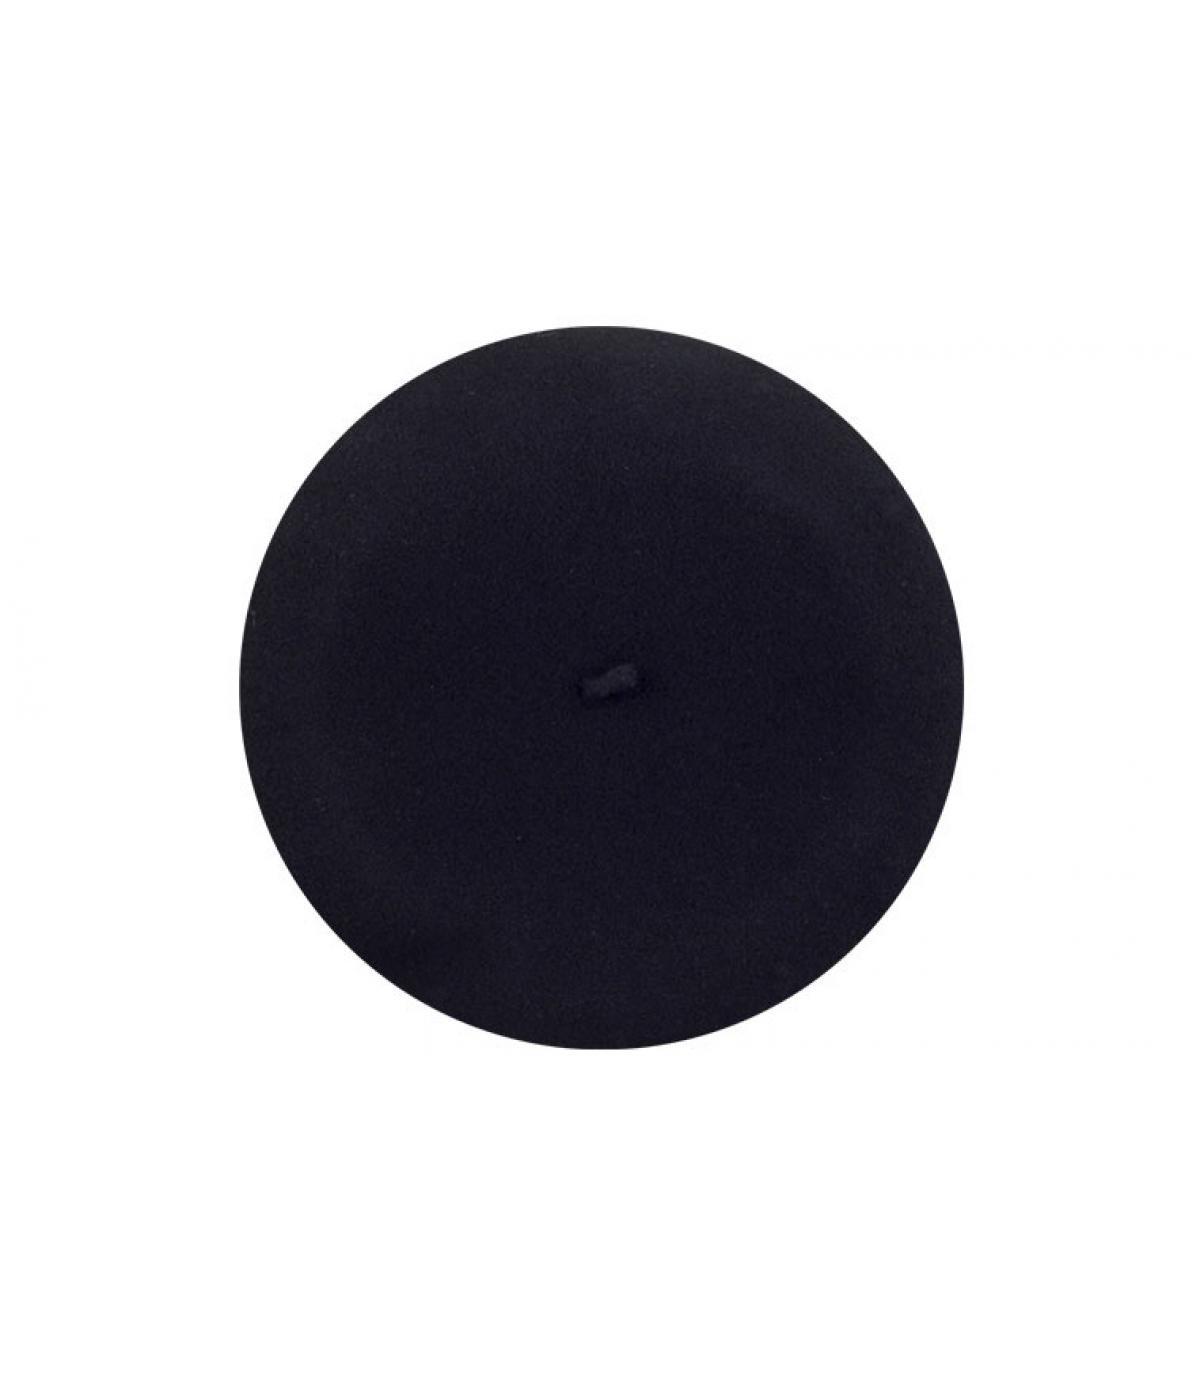 Détails Splendid black - image 3